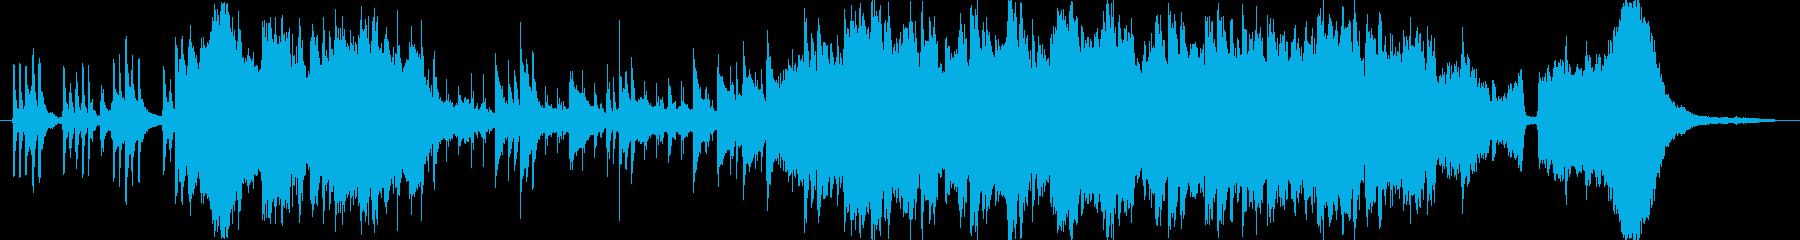 琴を主体とした和風の切ない系BGMの再生済みの波形